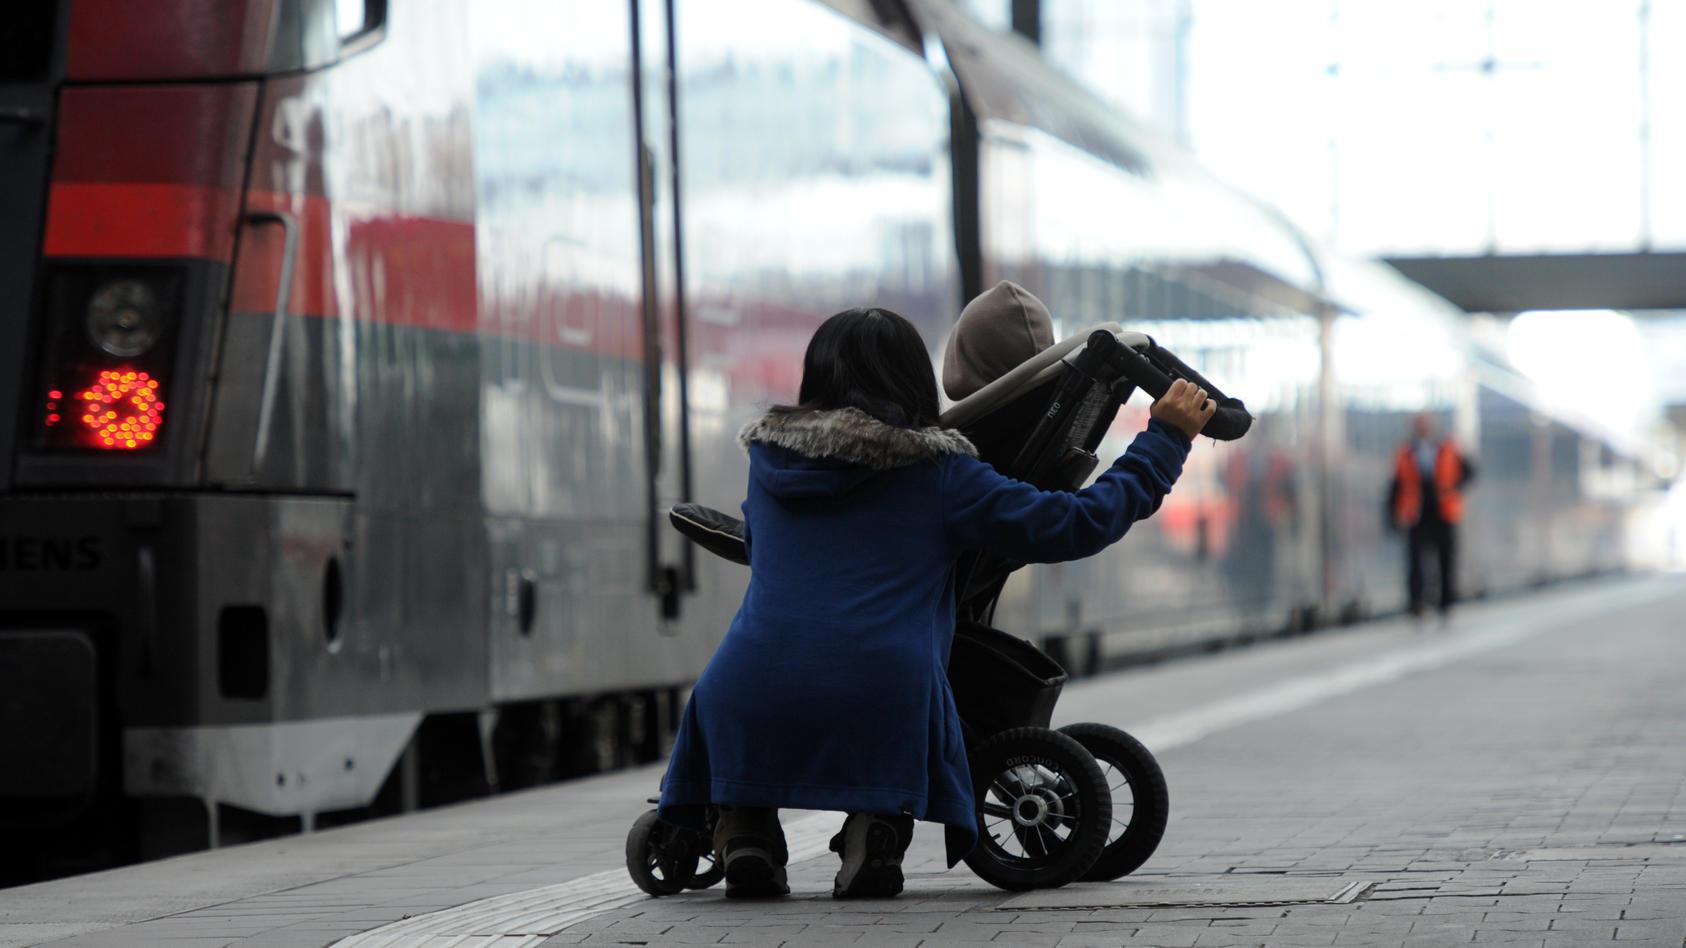 Am Bahnhof in Stuttgart hat eine fremde Frau versucht, ein Kind aus seinen Kinderwagen zu nehmen. (Foto: Motivbild)